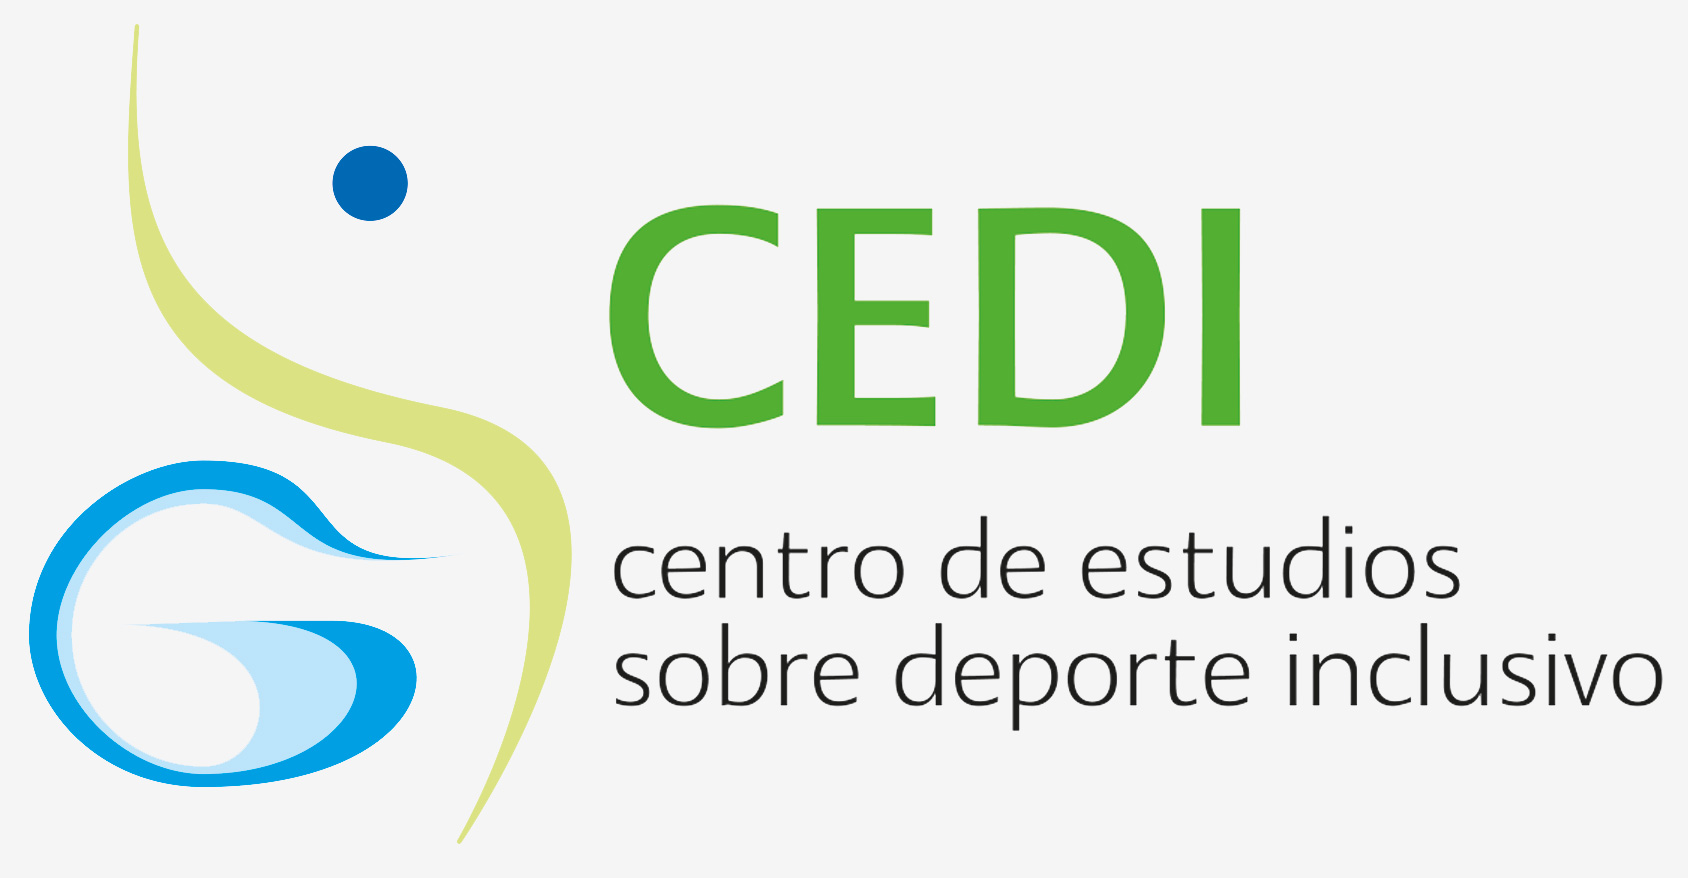 CEDI_logo-web